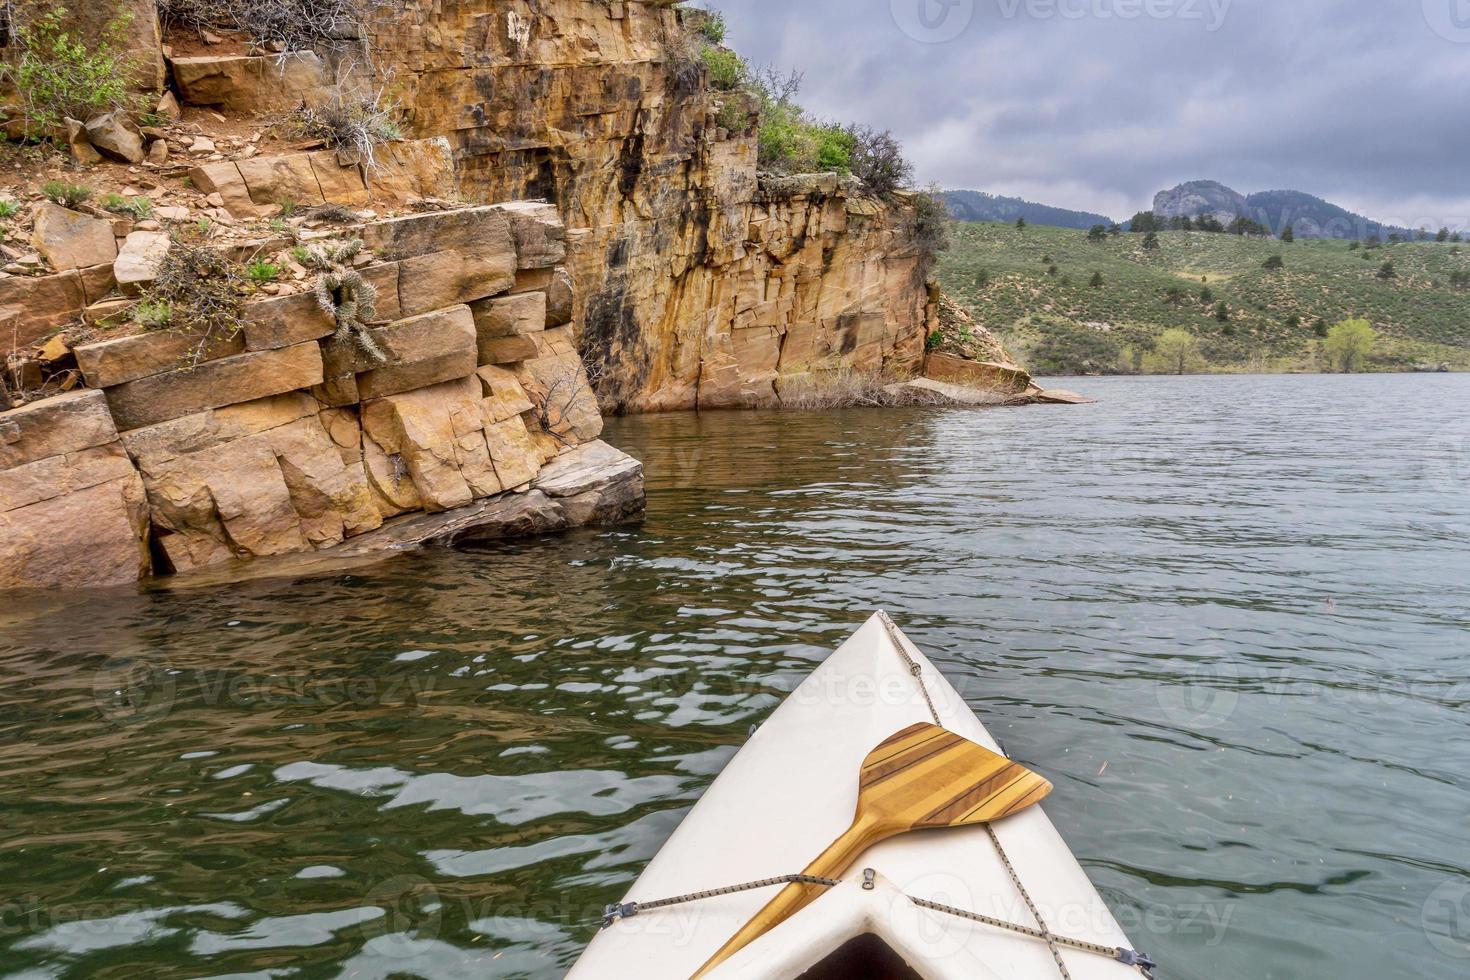 penhasco de canoa e arenito foto